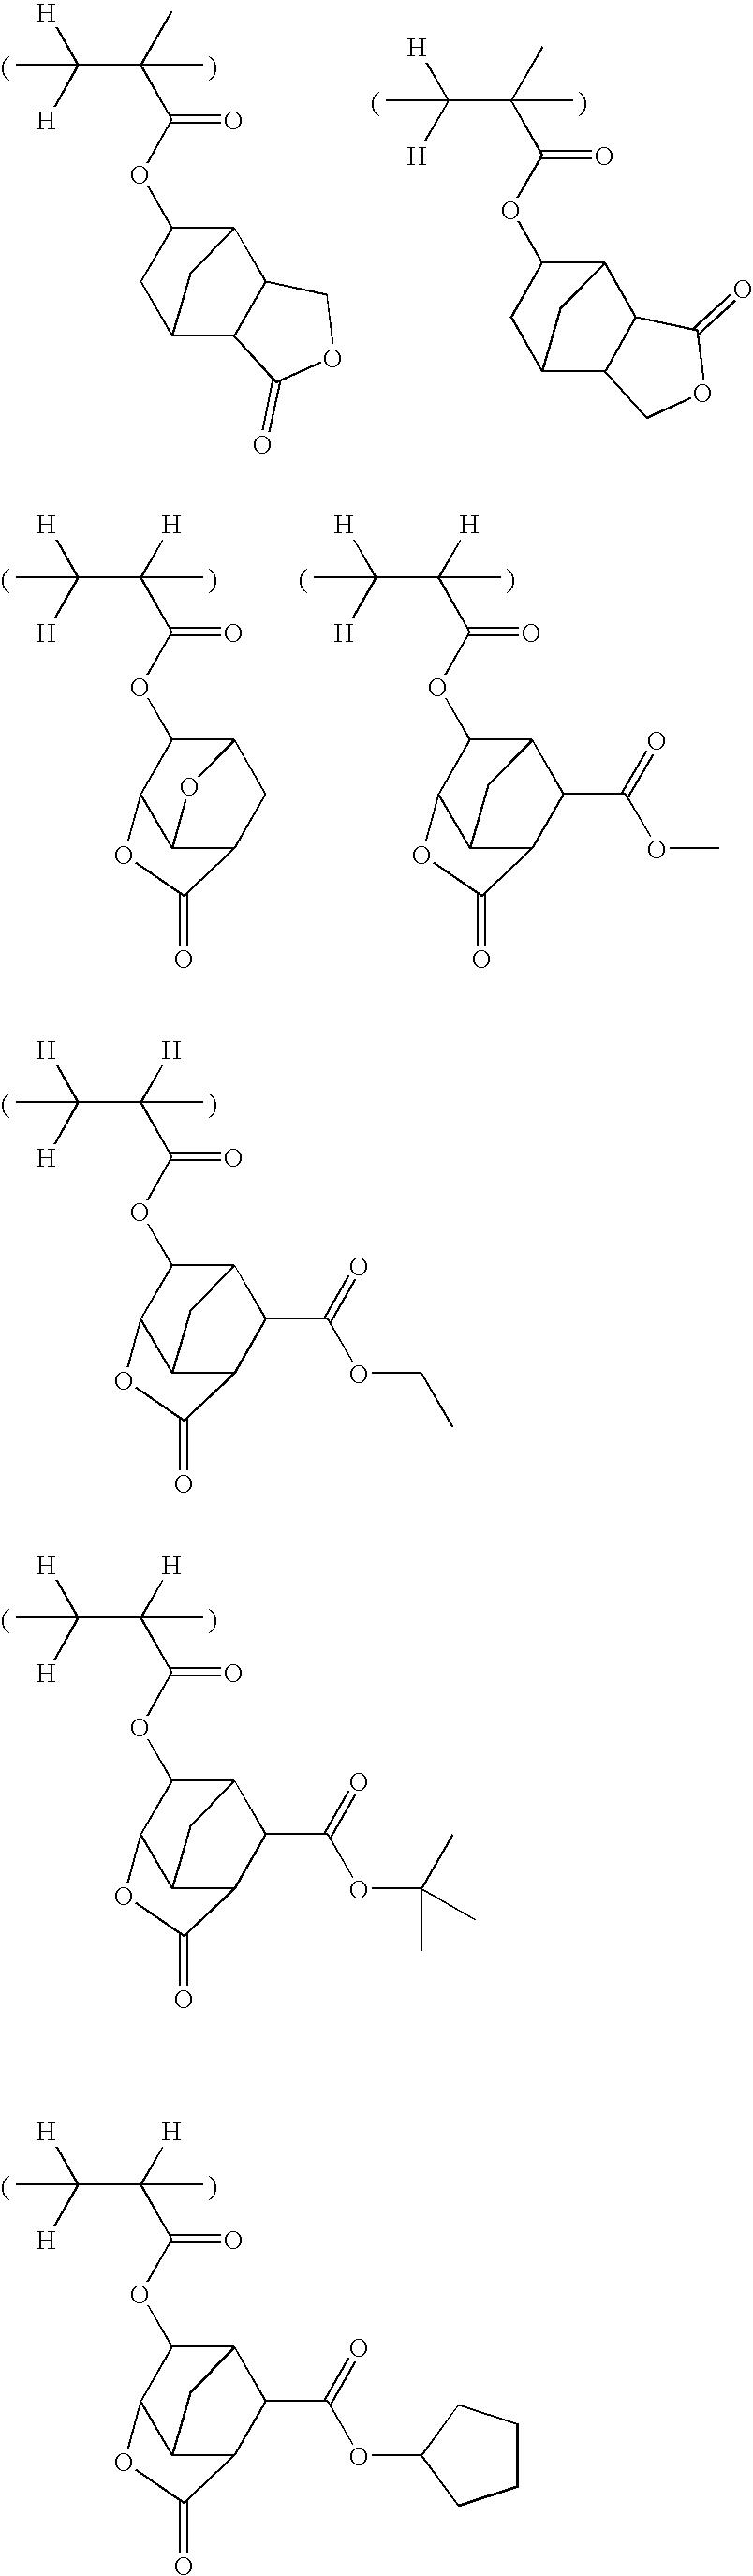 Figure US20070231738A1-20071004-C00038